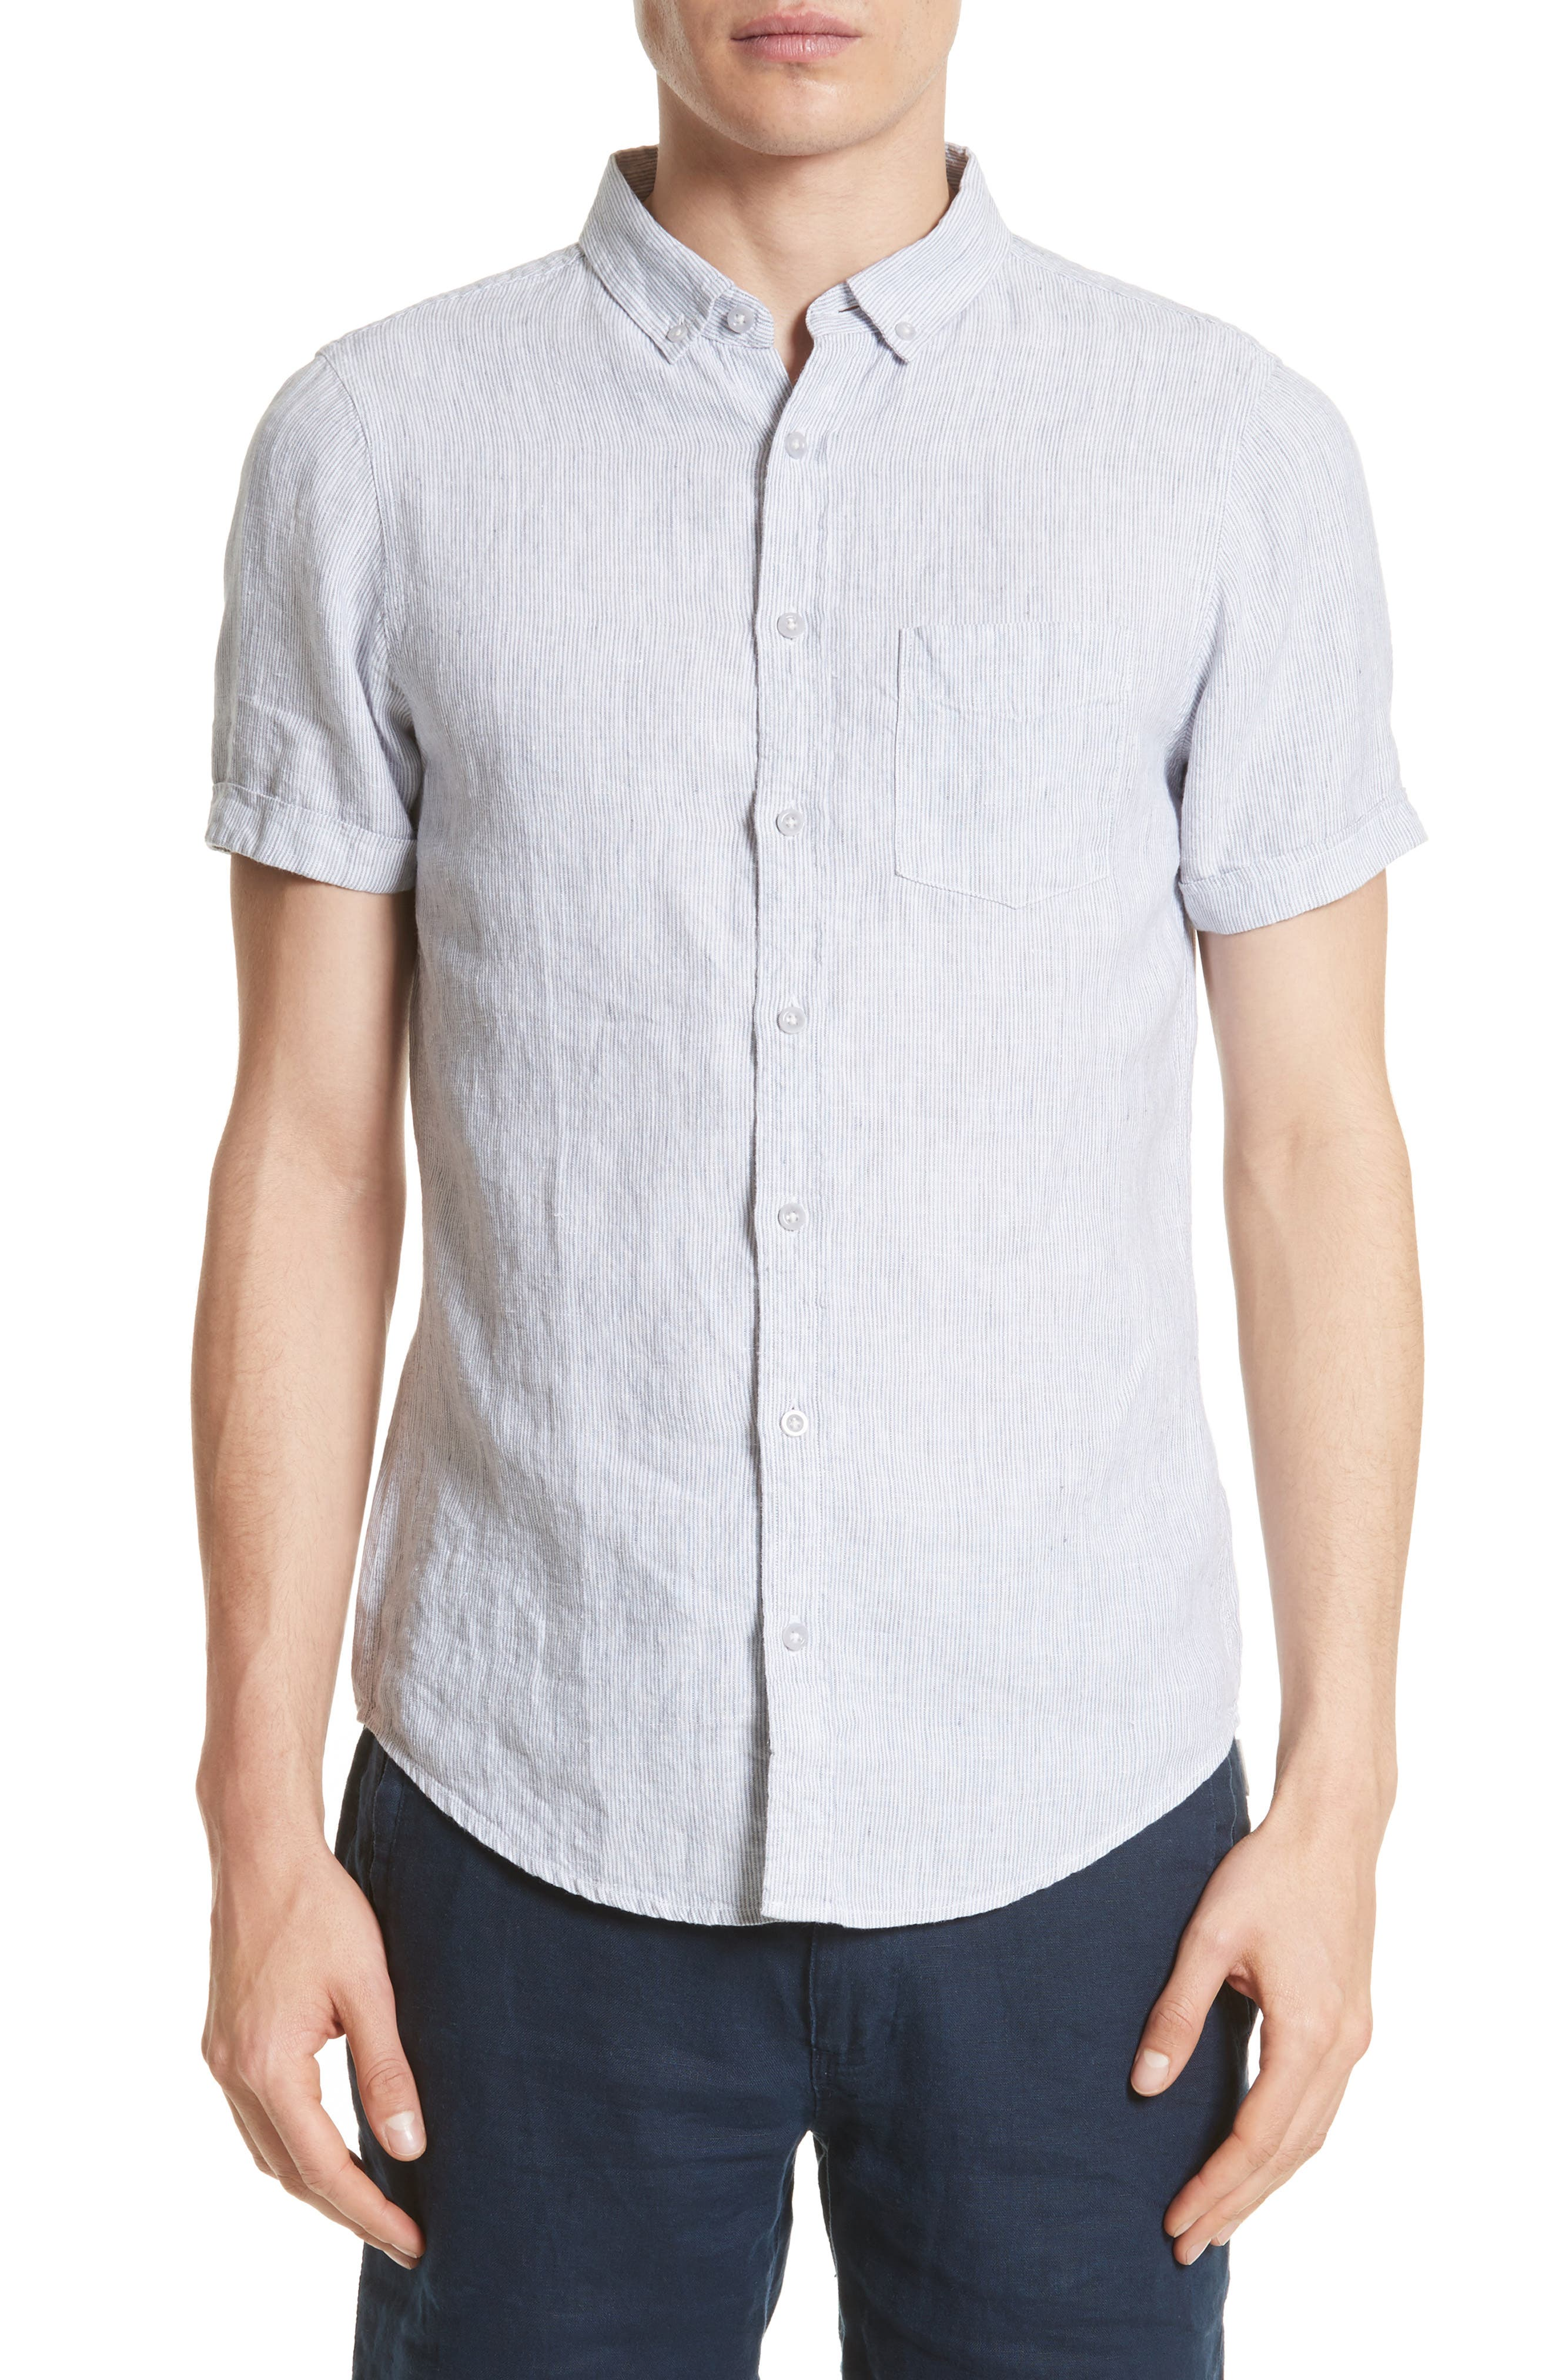 Trim Fit Microstripe Linen Shirt,                             Main thumbnail 1, color,                             100